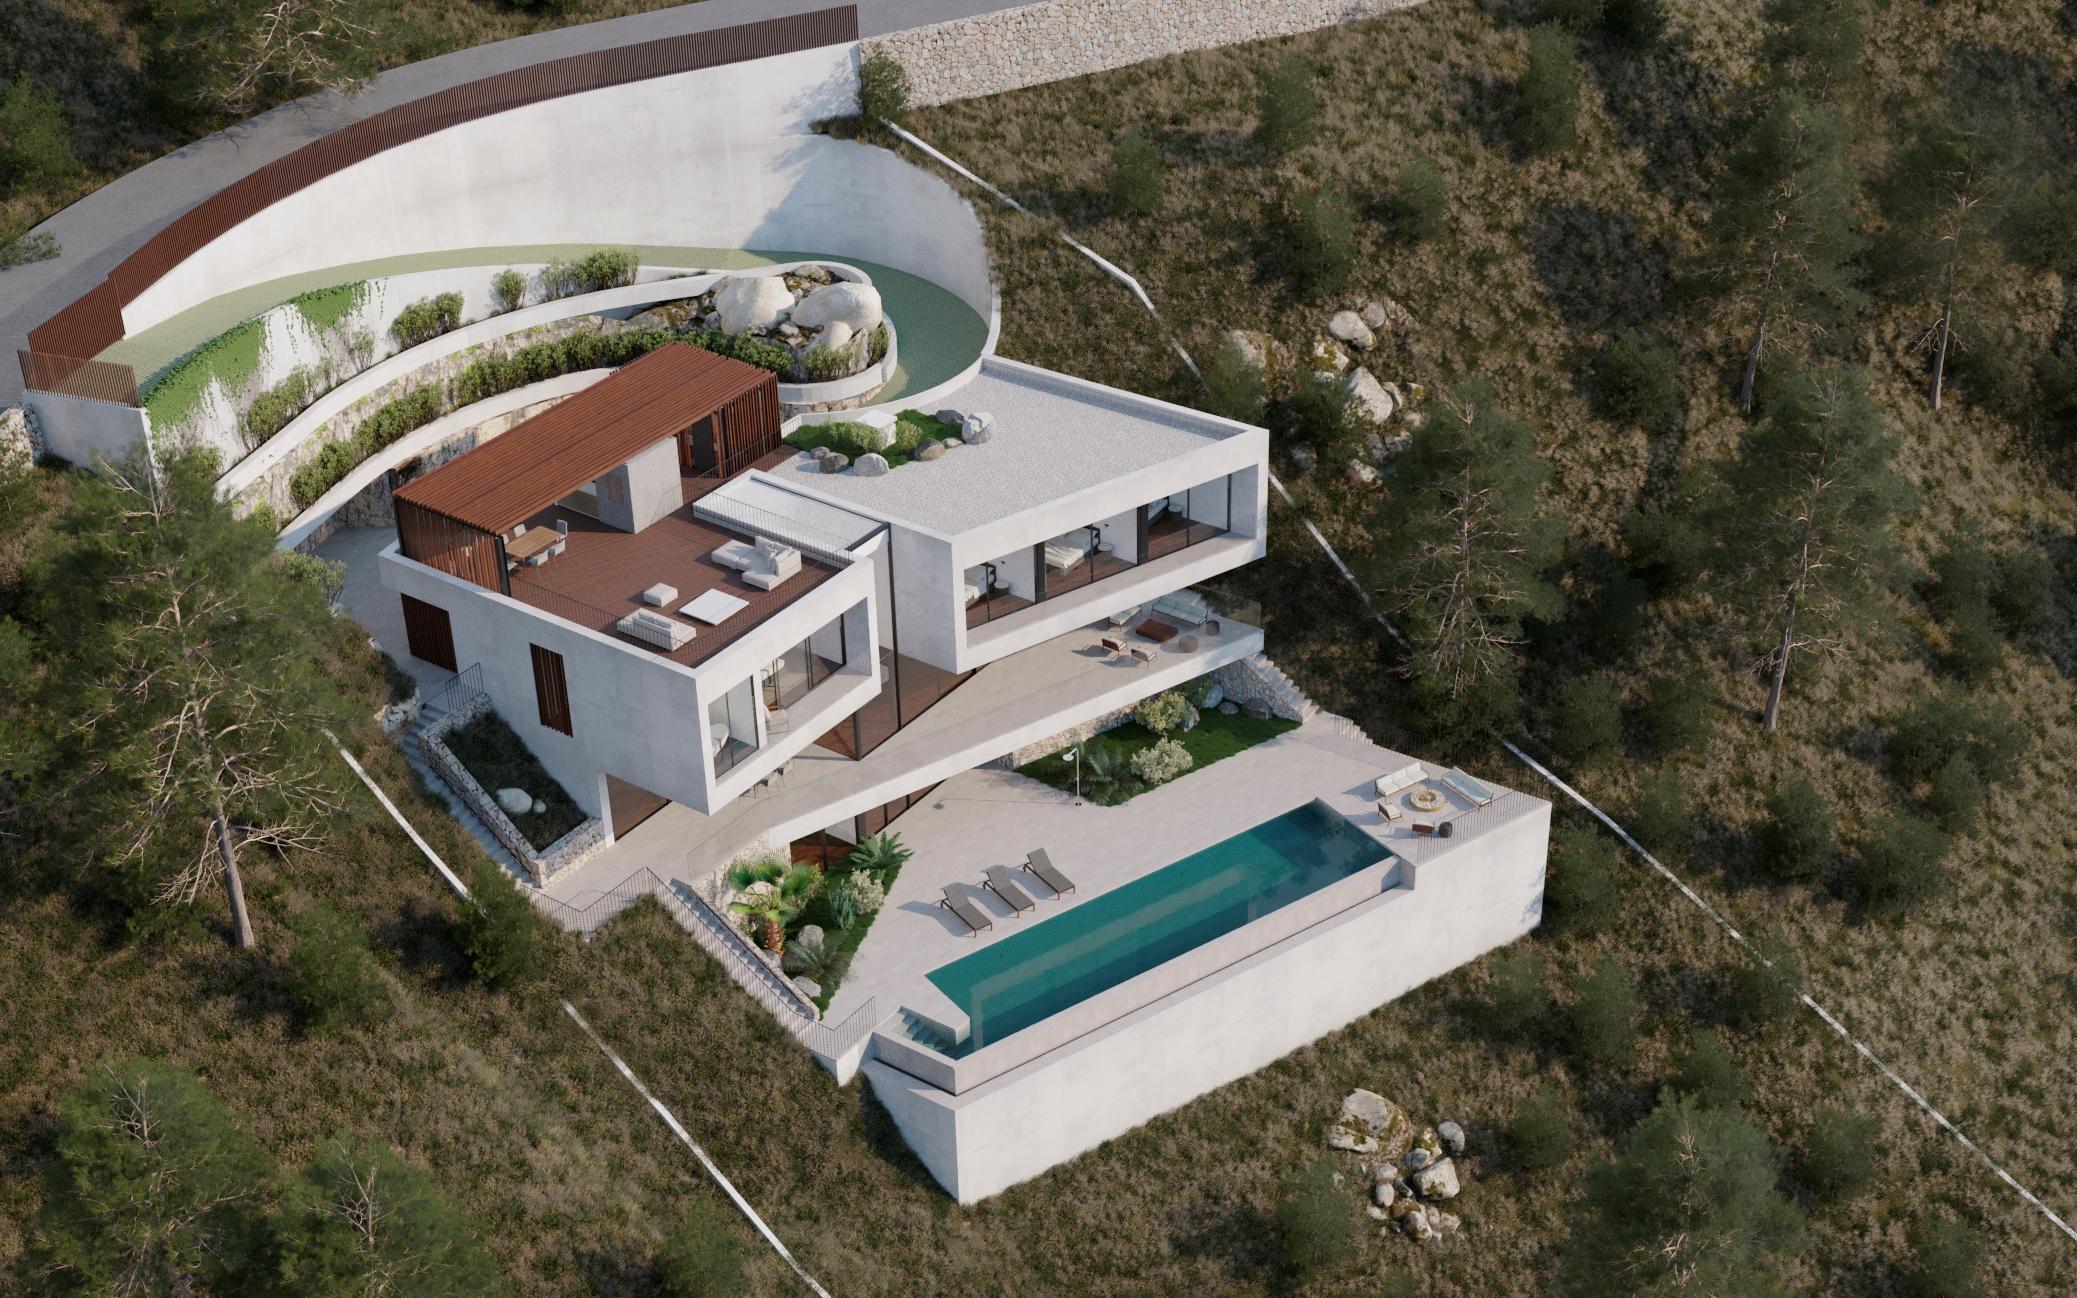 Palma Mallorca Vivienda Arquitectos